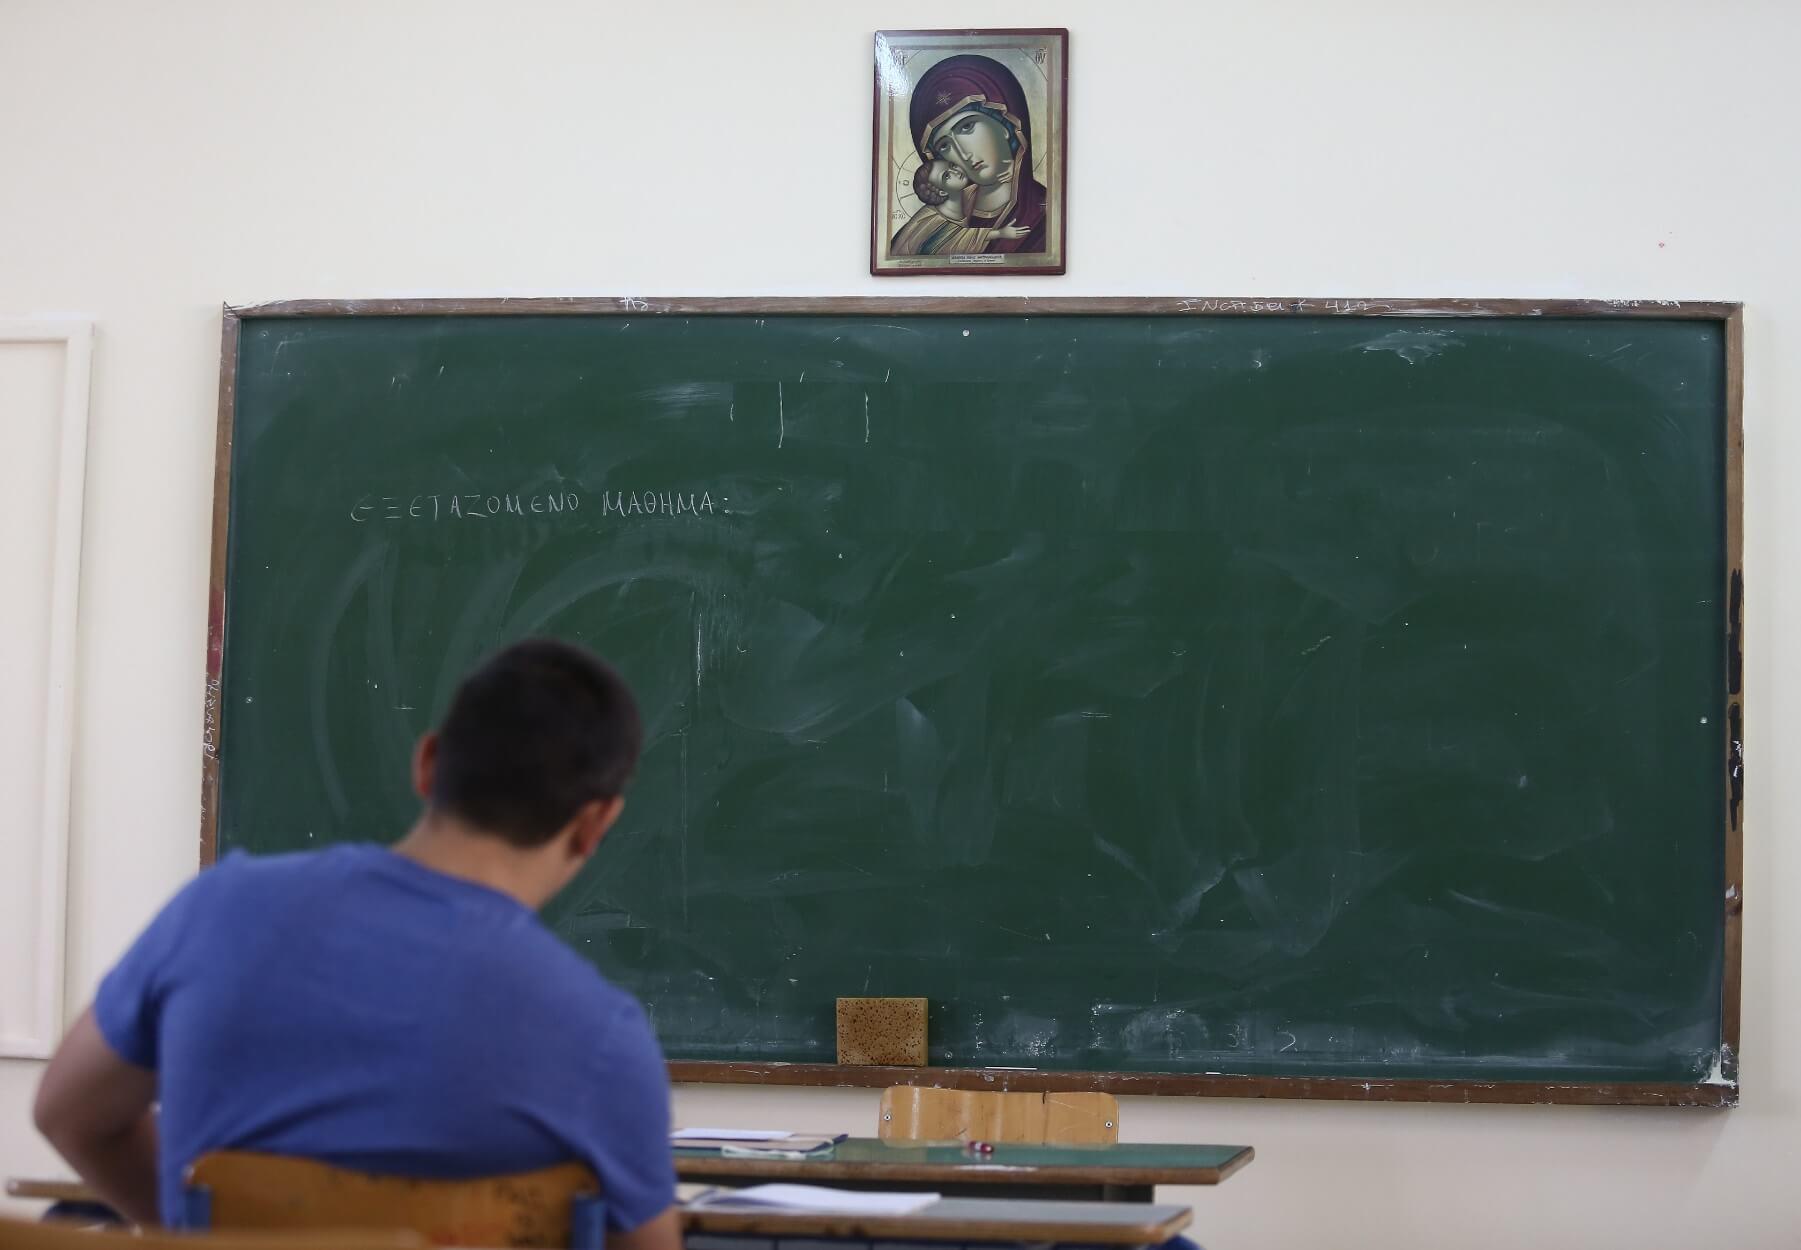 Ρόδος: Ανάβει φωτιές η αντίστροφη μέτρηση του δασκάλου που κλείδωσε στην τάξη 9χρονο μαθητή του – video